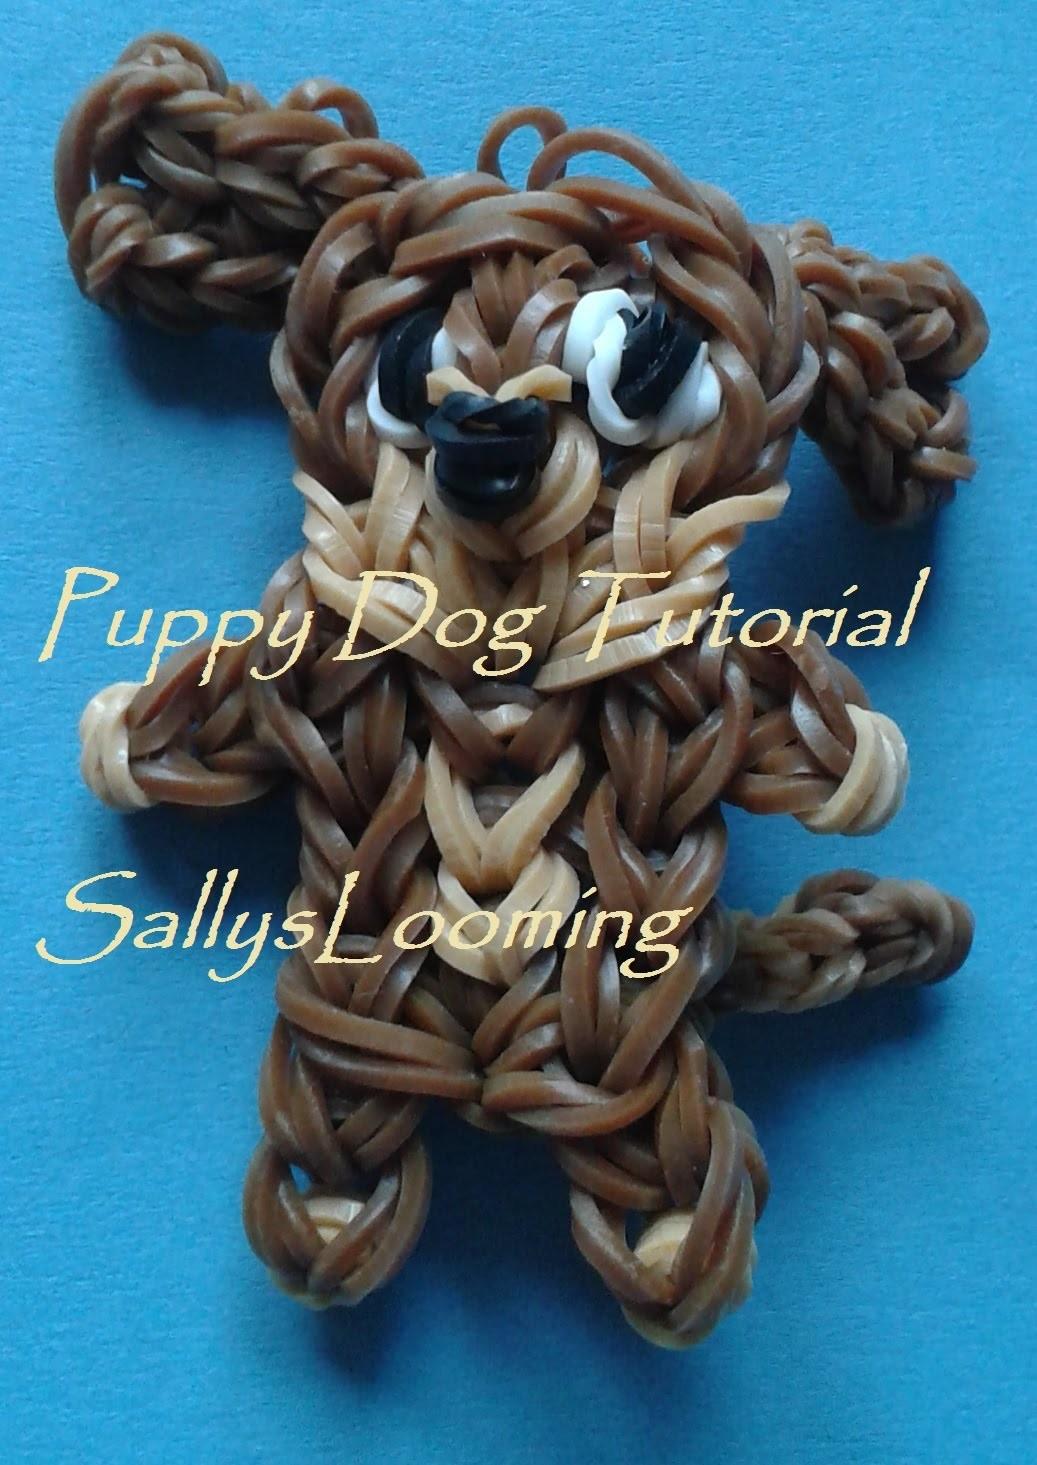 Cute Puppy Dog Charm Loom Band Tutorial